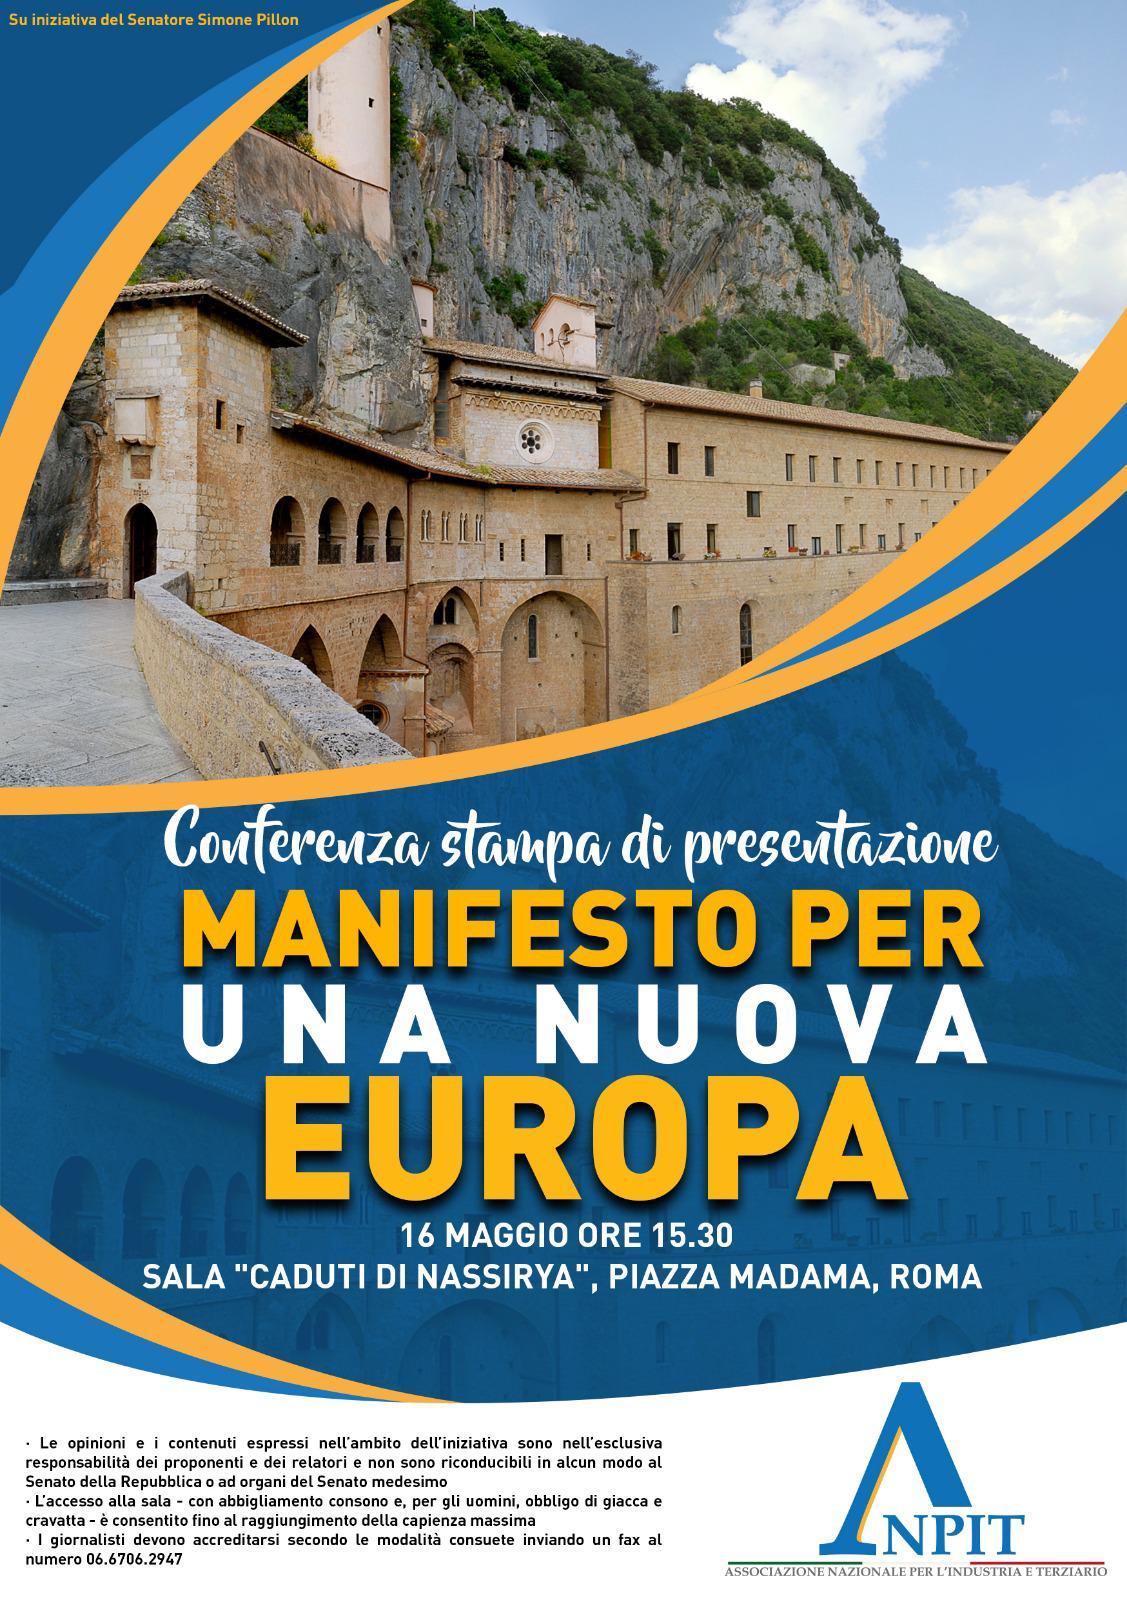 locandina 16 maggio 2019 manifesto per una nuova europa